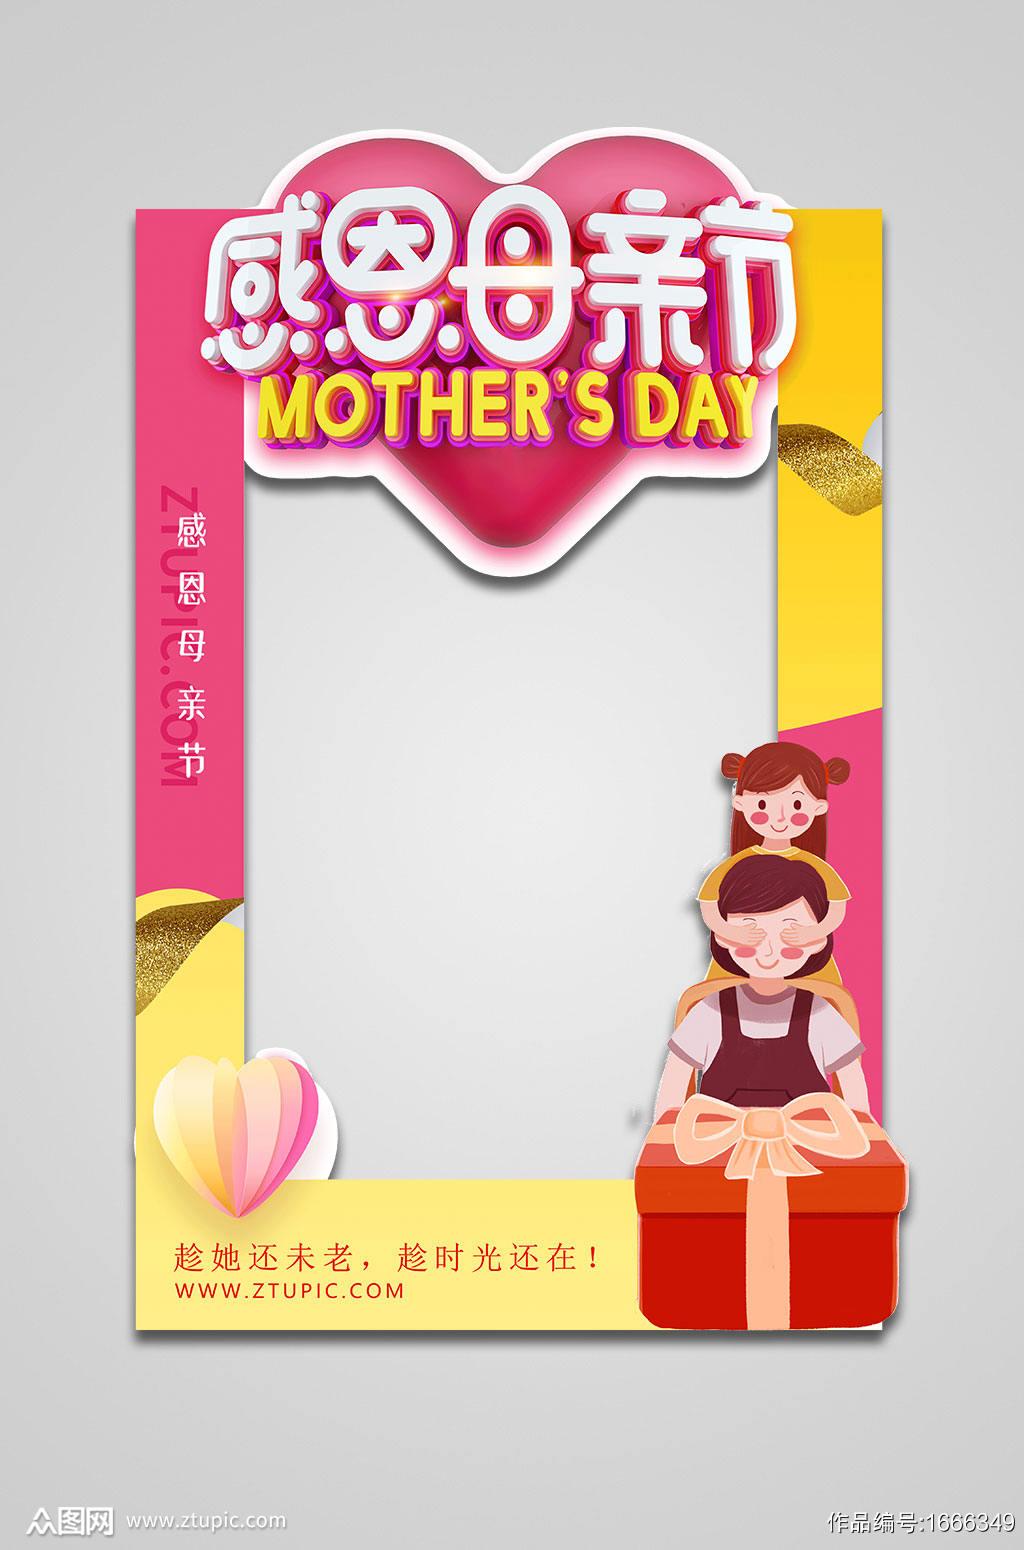 网红打卡感恩母亲节拍照框设计素材